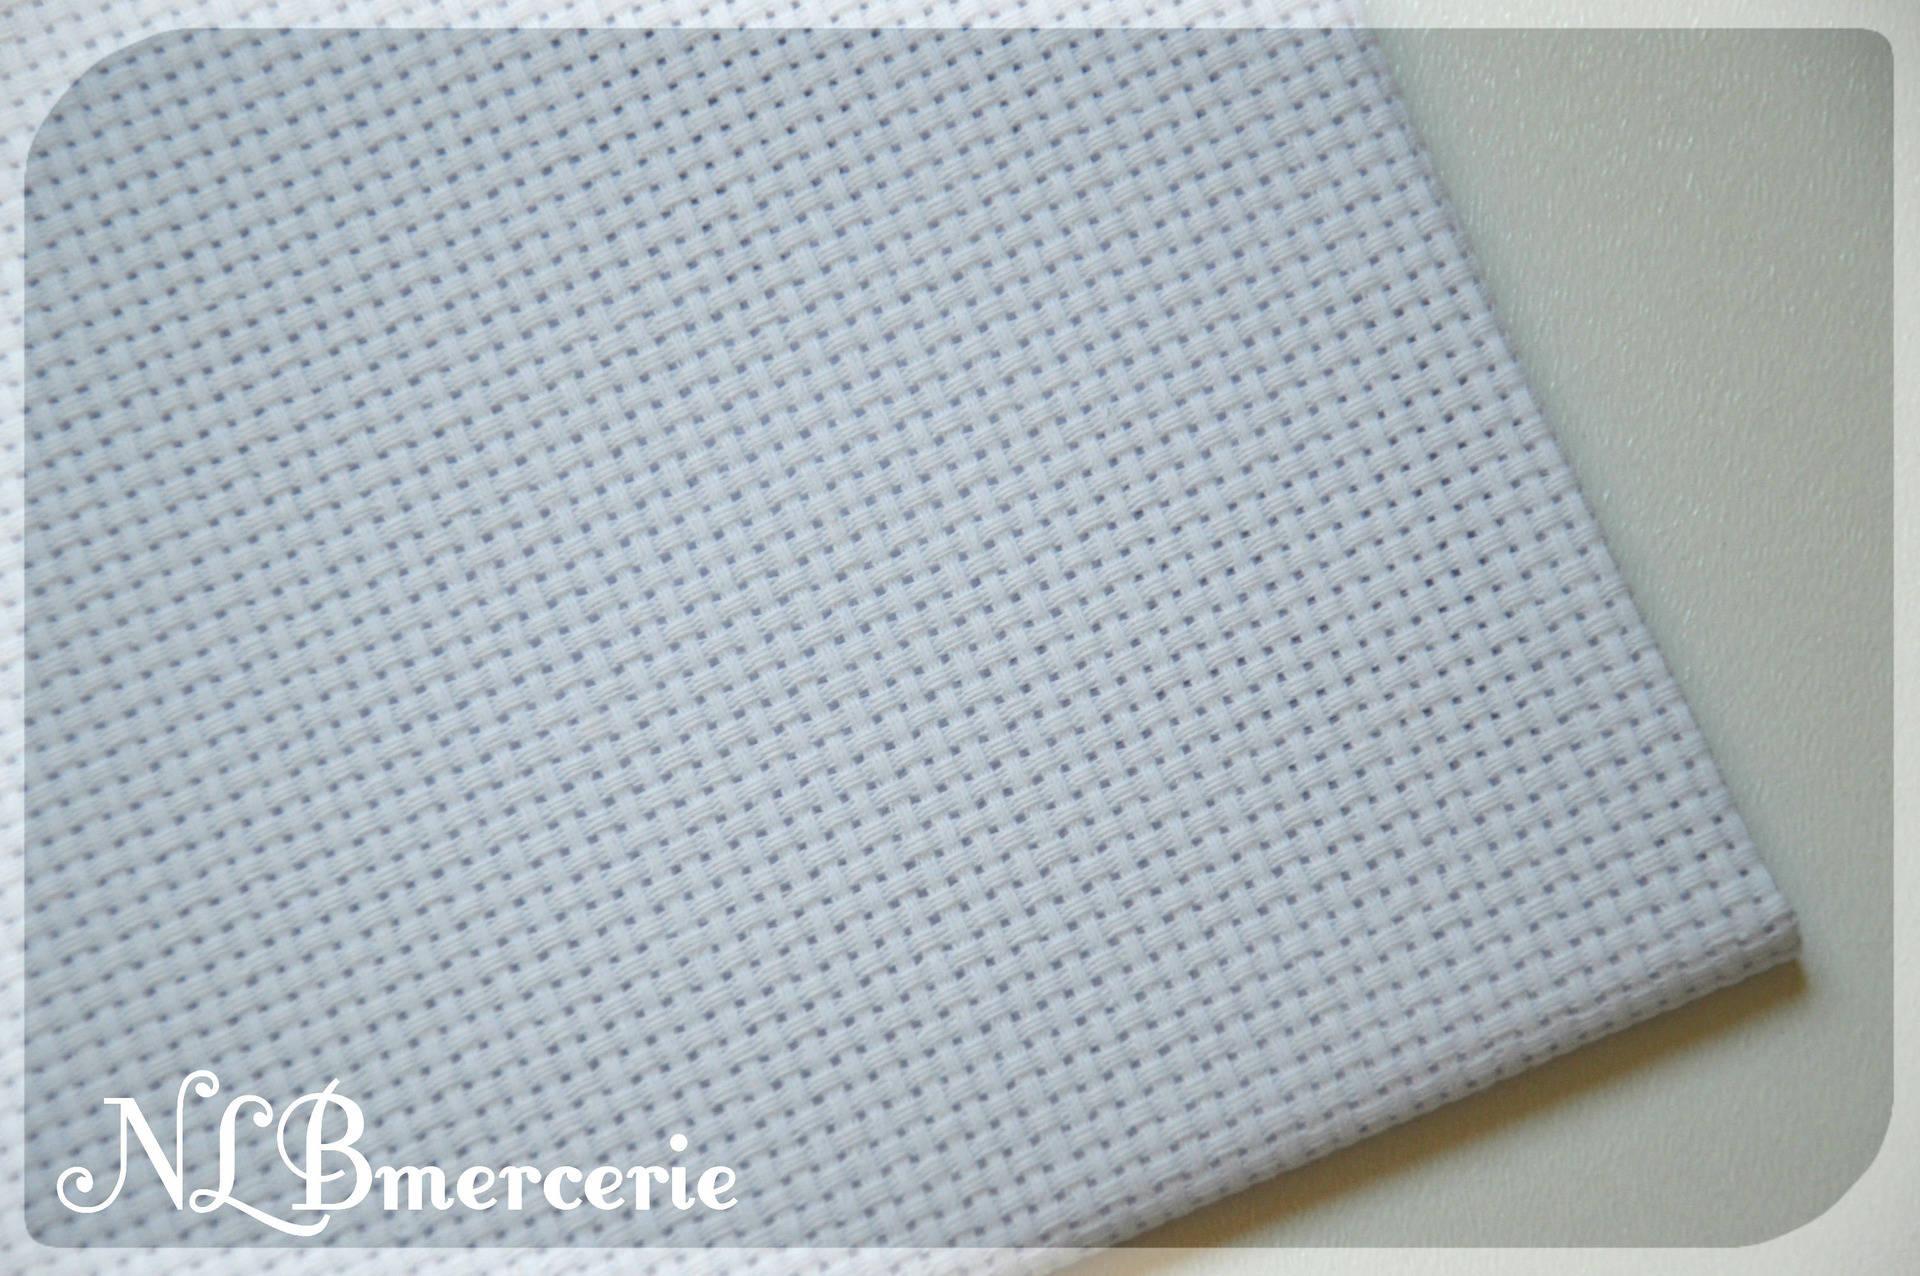 Toile à broder Aida, canevas prédécoupé blanc 30 x 20 cm